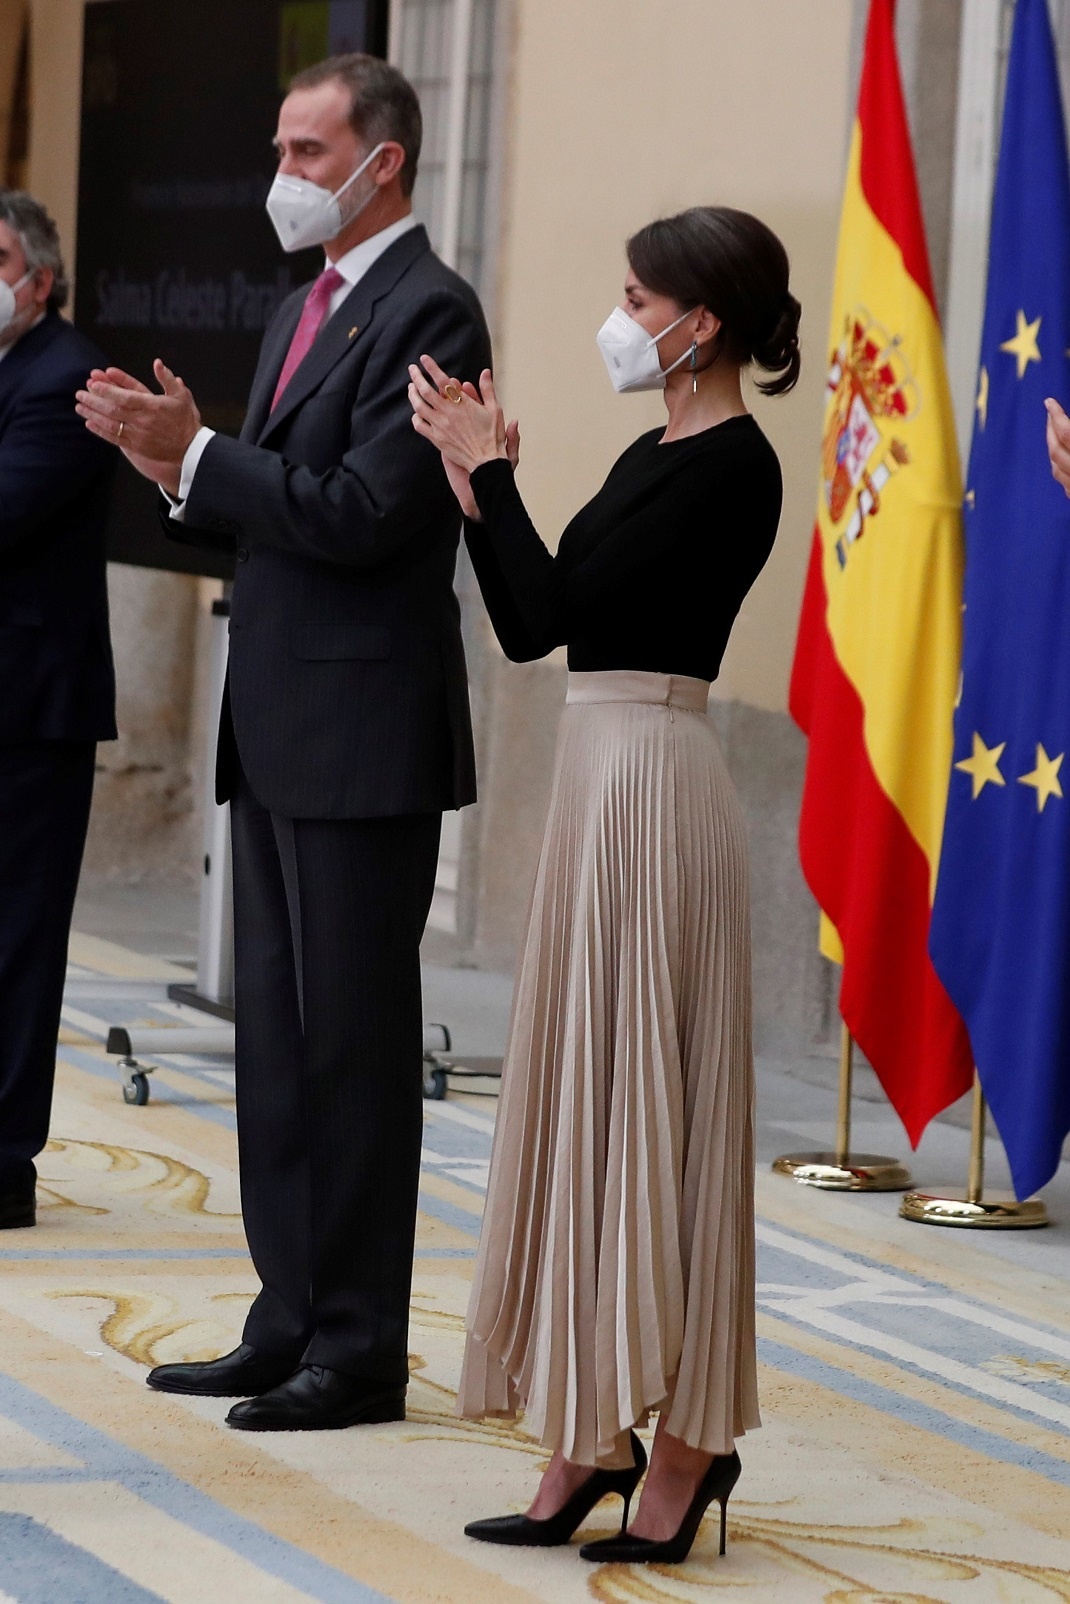 βασίλισσα Λετίθια με πλισέ φούστα